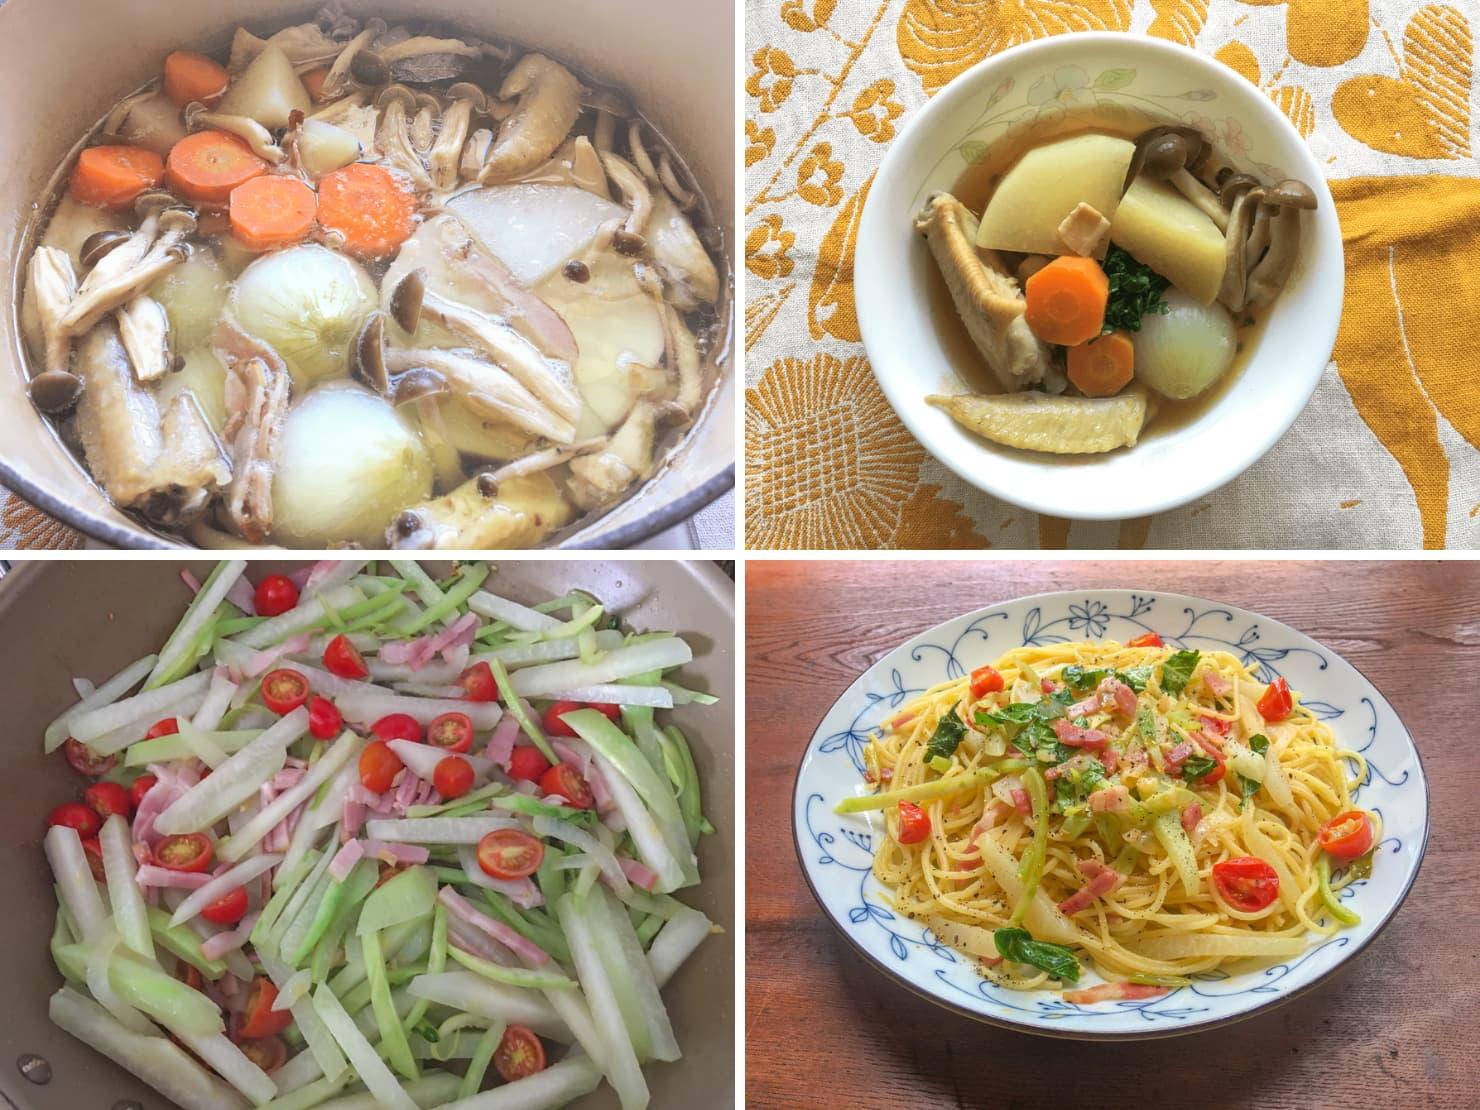 コールラビを加熱して食べる料理の写真